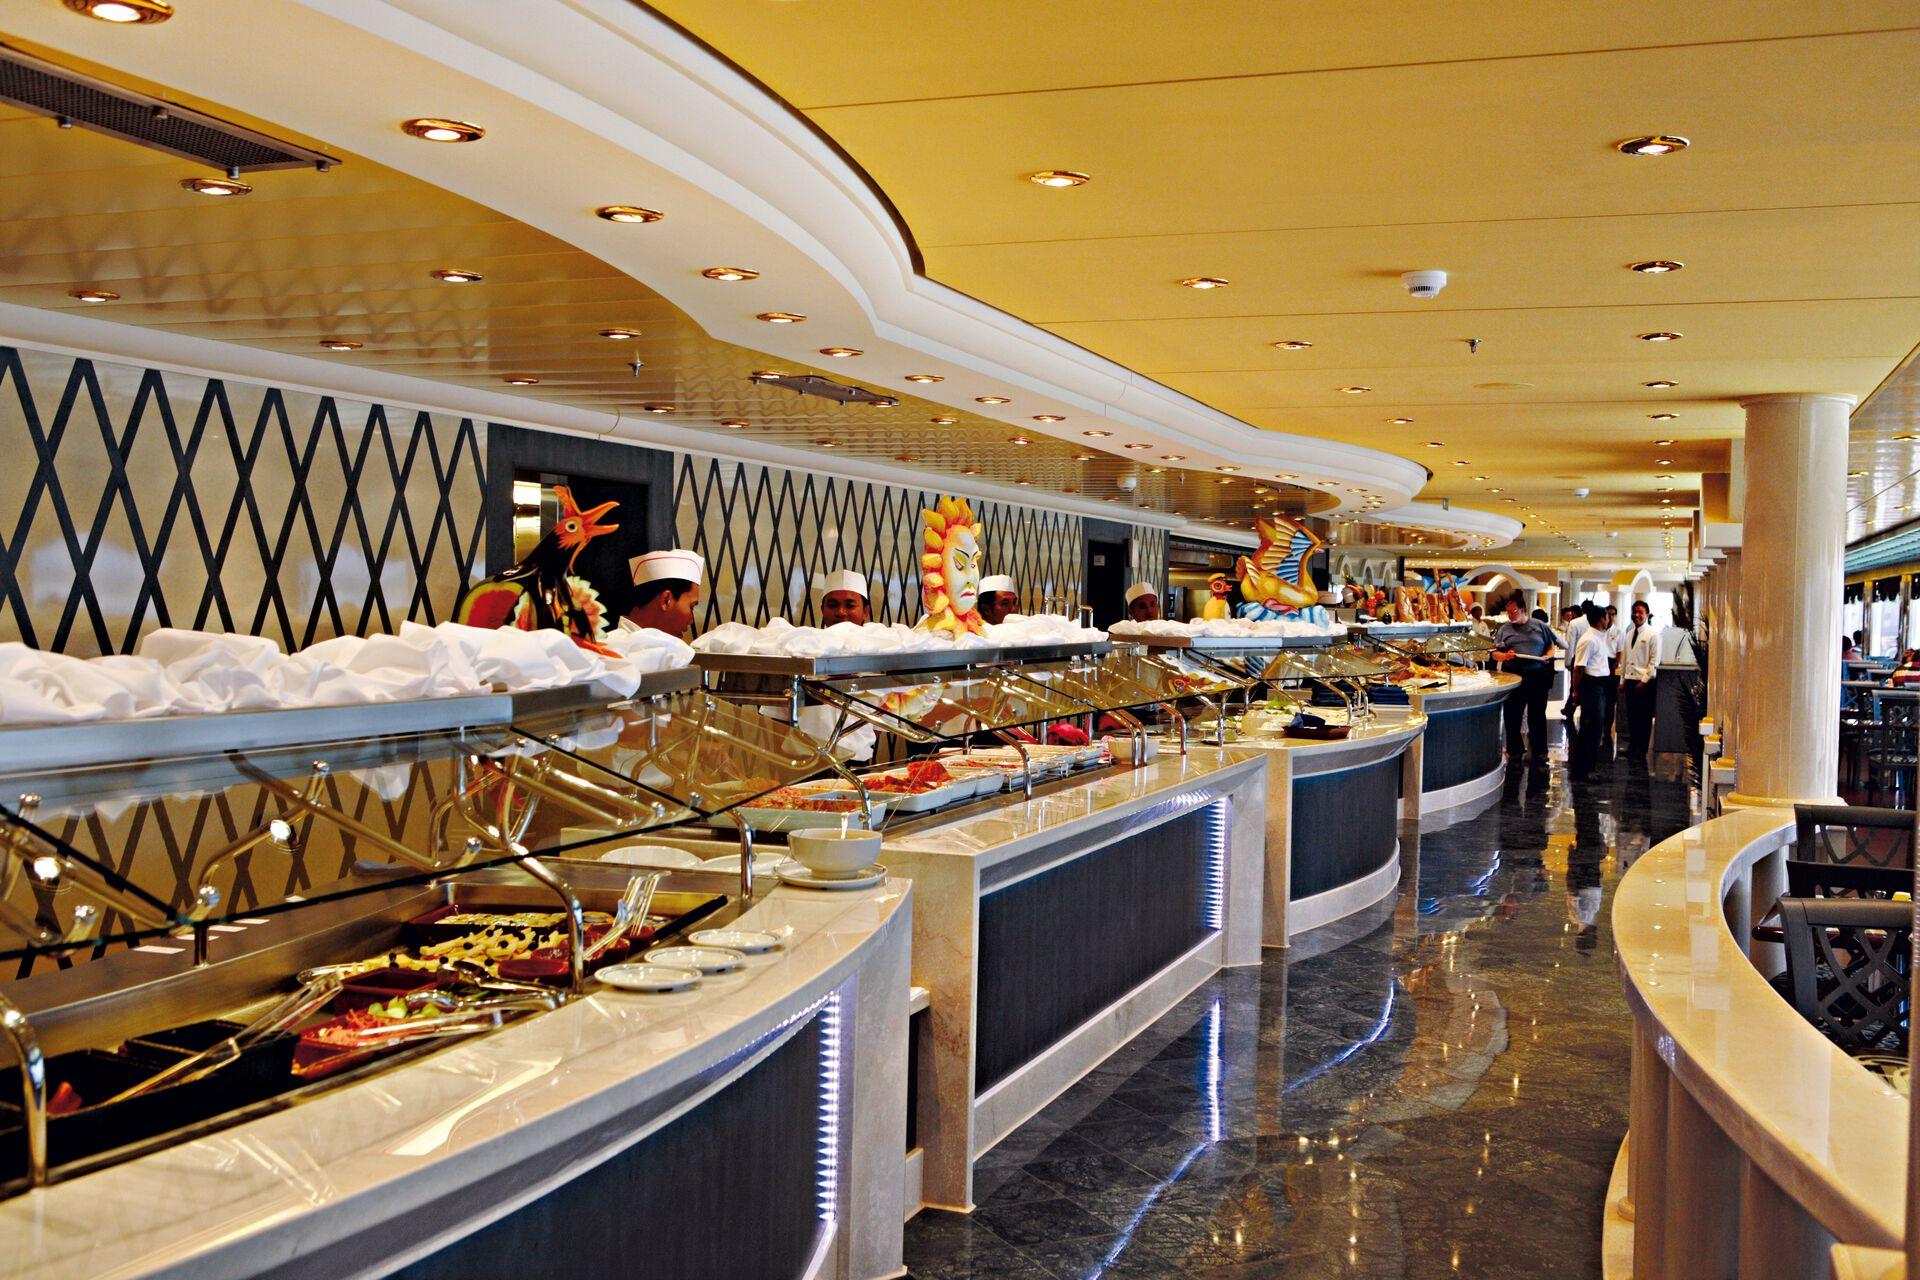 Das Buffet Restaurant La Piazetta